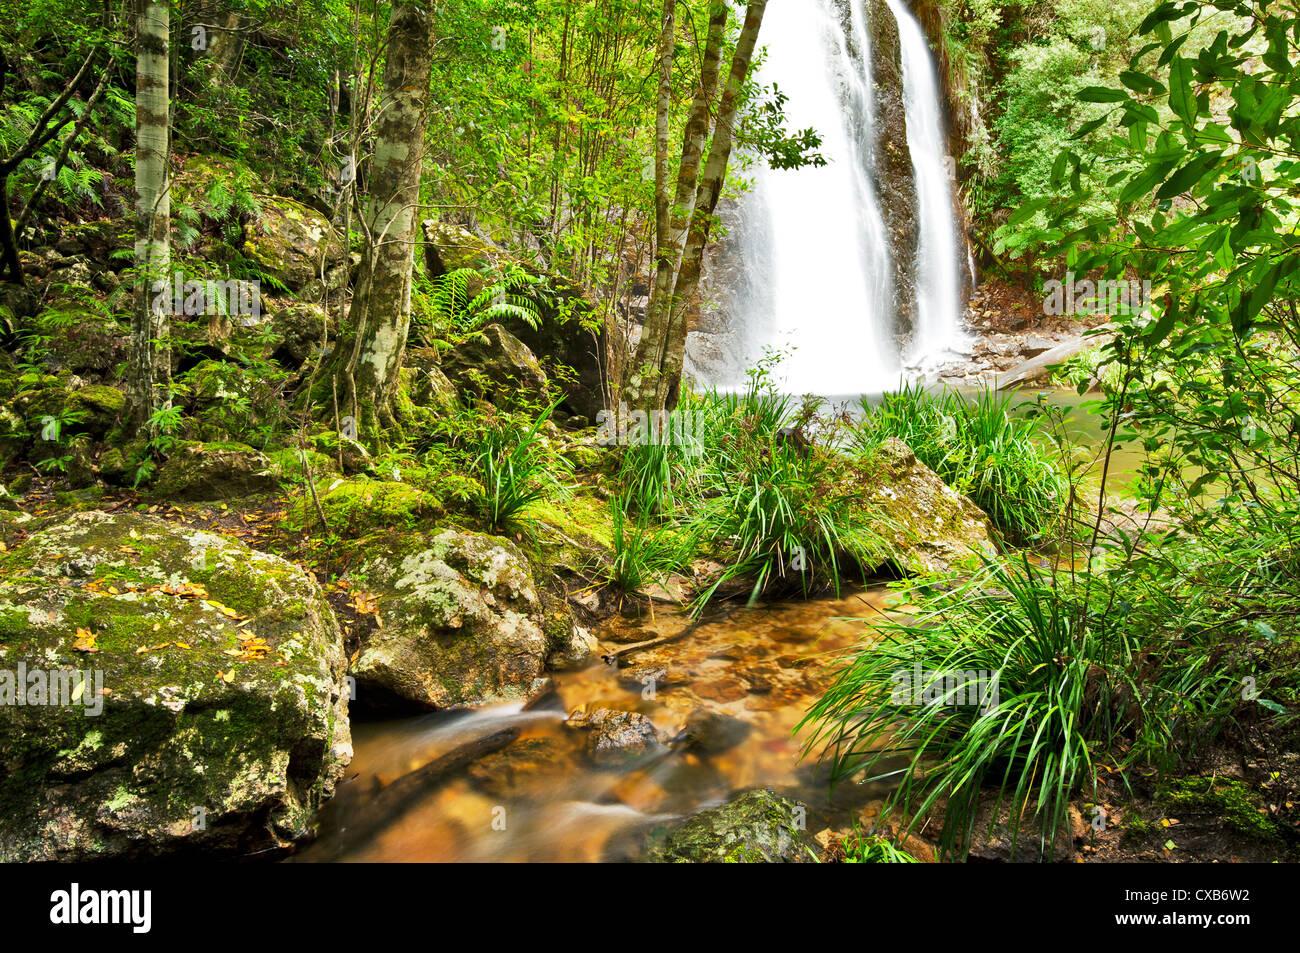 Grenze fällt von Regenwald umgeben. Stockbild